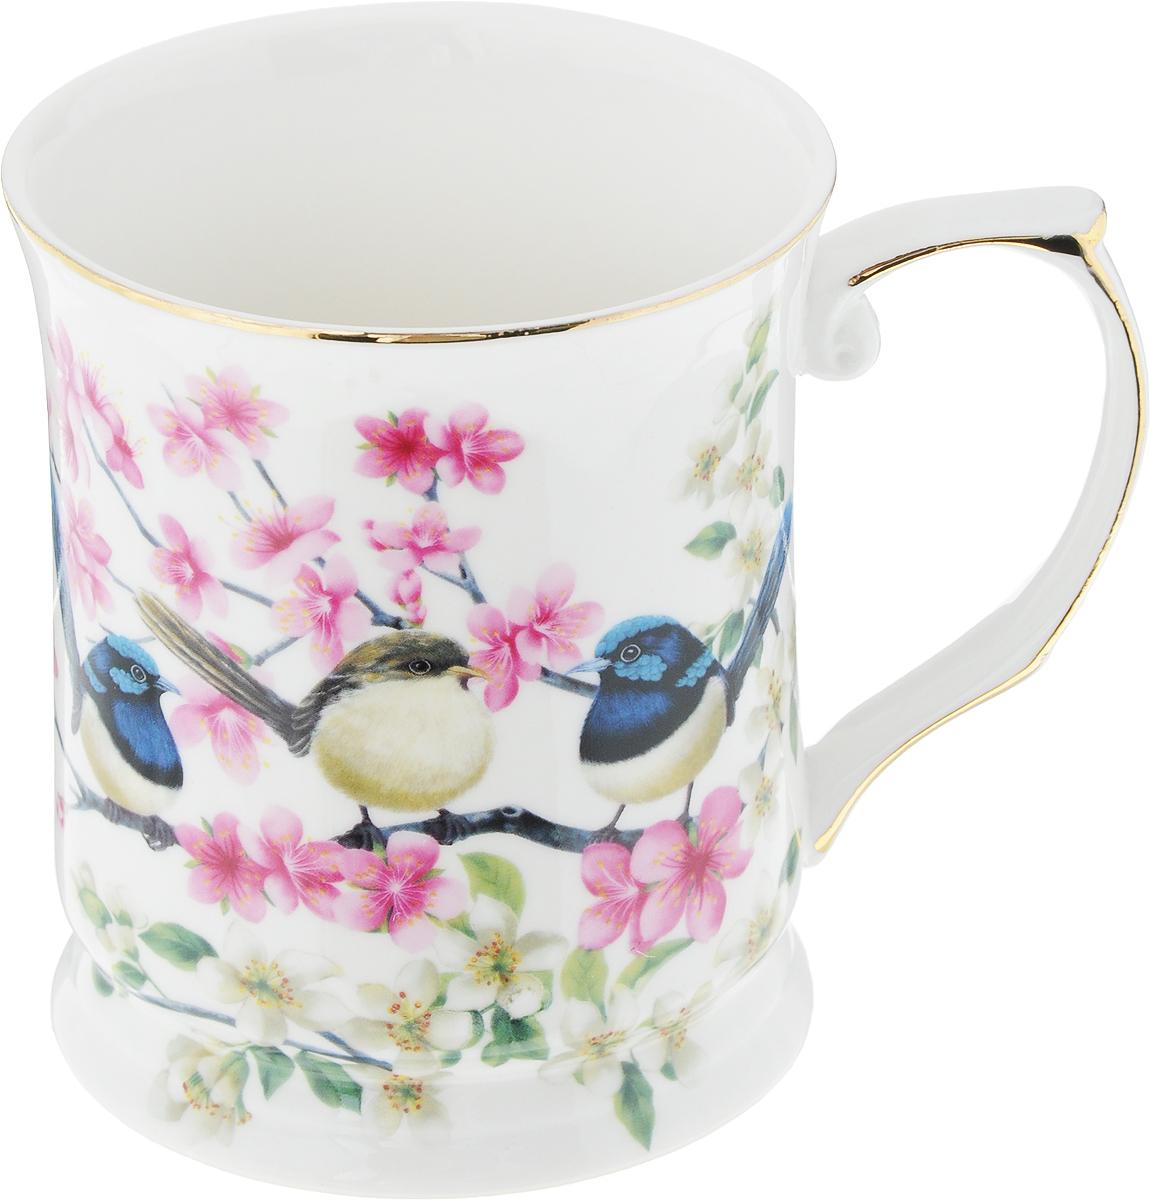 Кружка Elan Gallery Райские птички, 400 мл68/5/3Оригинальная кружка Elan Gallery Райские птички, изготовленная из высококачественной керамики, подойдет для любителей чая, кофе и других напитков. Кружка дополнена удобной ручке и оформлена изображением цветов и птичек. Изделие упаковано в подарочную коробку с ленточкой. Не использовать в микроволновой печи. Объем кружки: 400 мл. Диаметр кружки (по верхнему краю): 9 см. Высота кружки: 10,5 см.